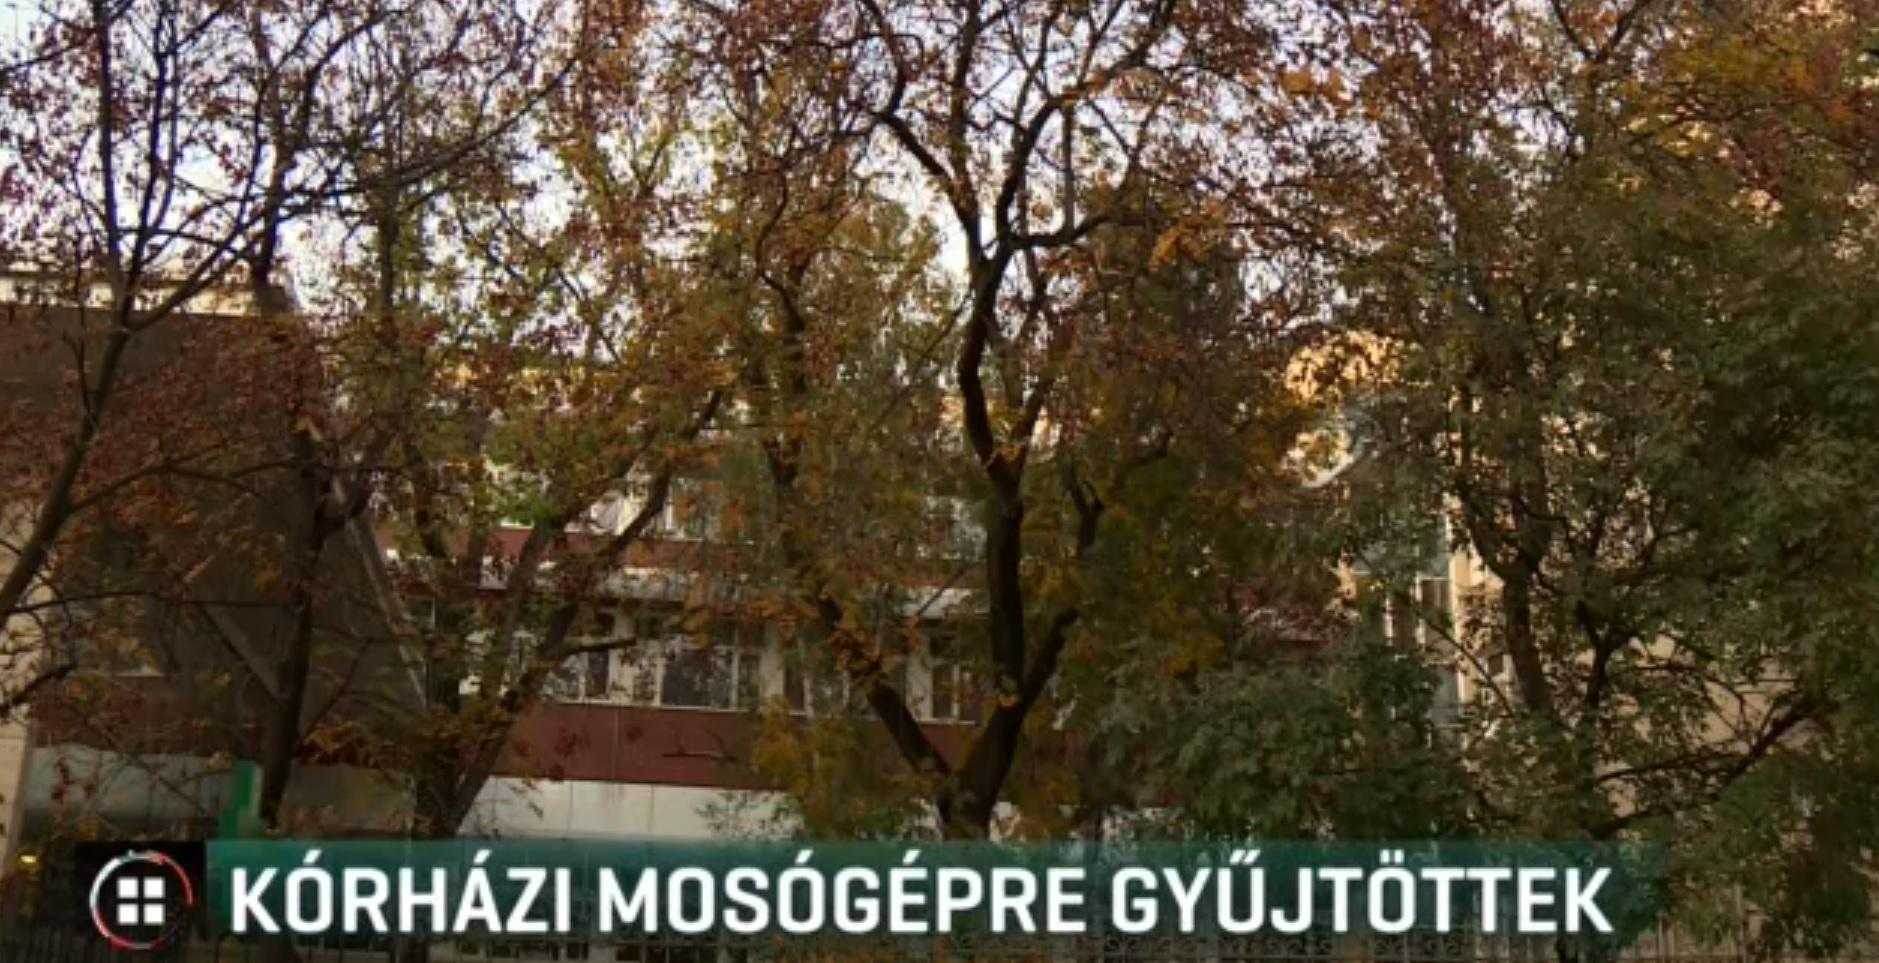 Elromlott a mosógép, otthon mosták a nővérek az újszülöttek ruháit a Semmelweis Egyetem Szülészetén